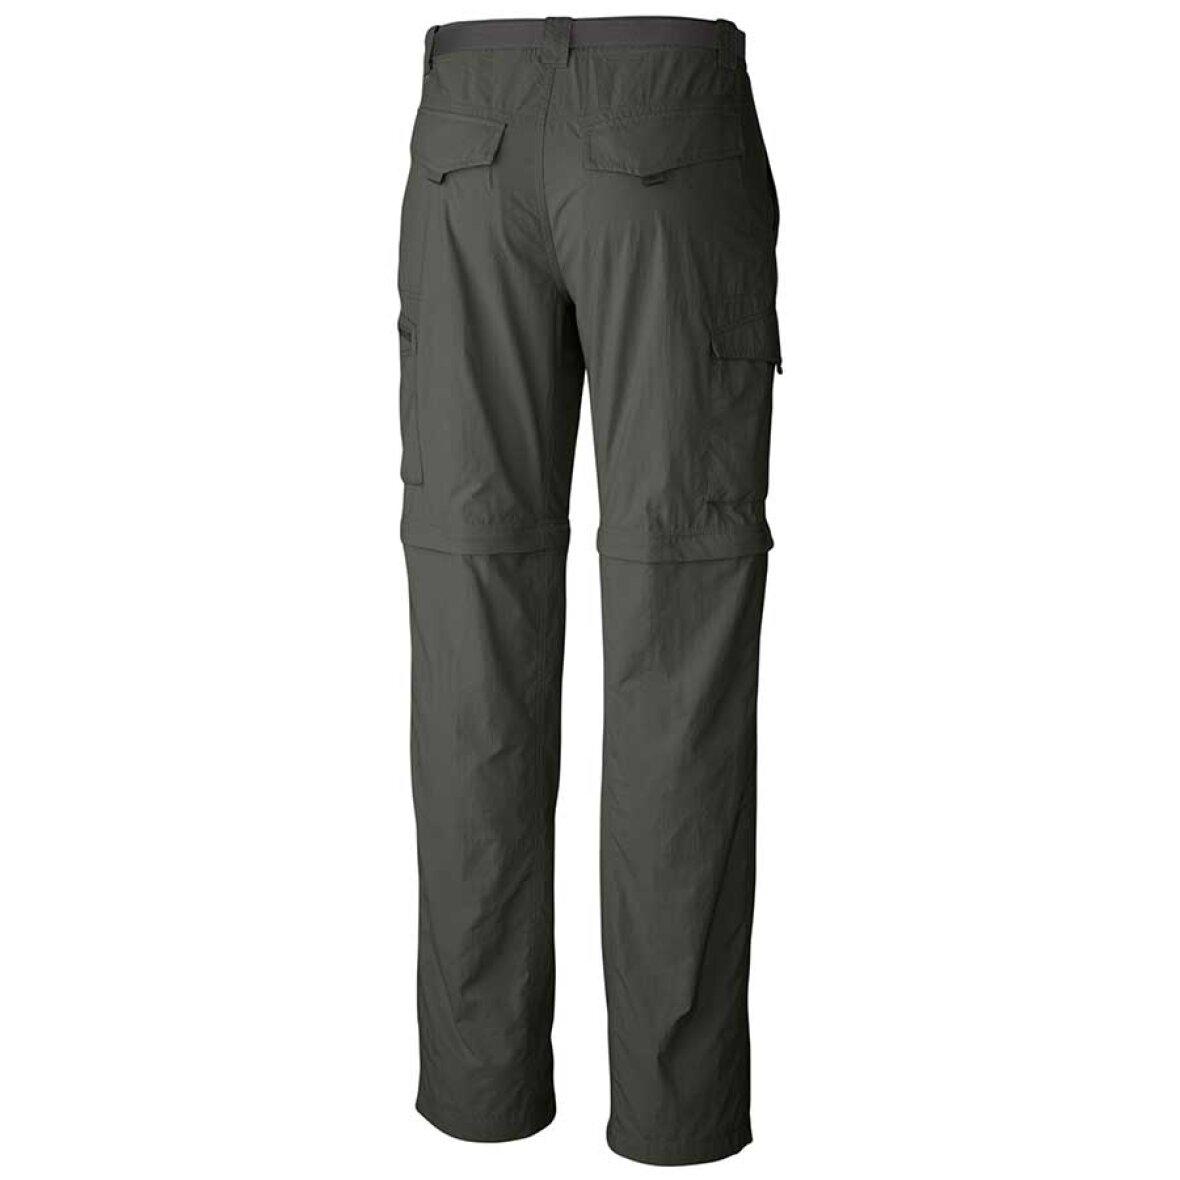 dca118a9 Zip Off Bukser fra Columbia til mænd - Køb gode vandrebukser her